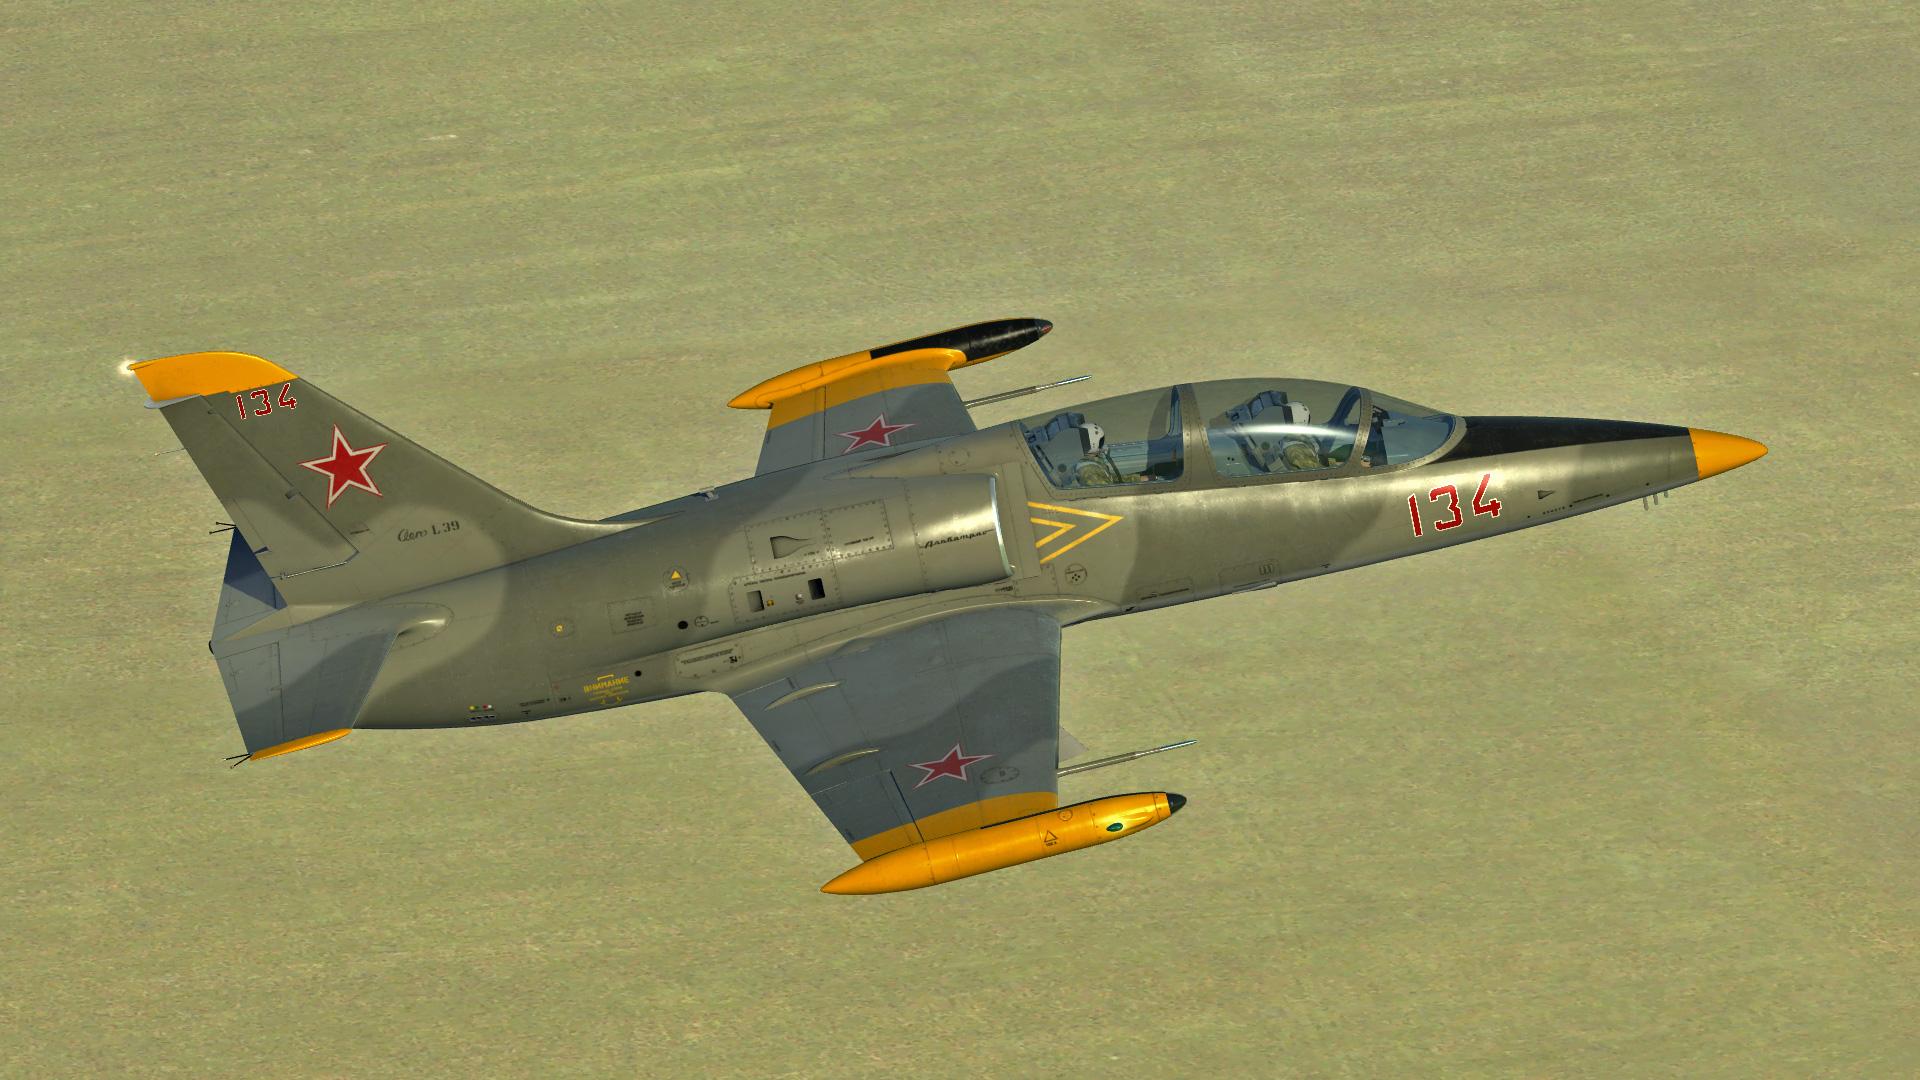 Купить DCS: L-39 Albatros, модуль DCS World (RU) и скачать: https://yuplay.ru/product/14688428/